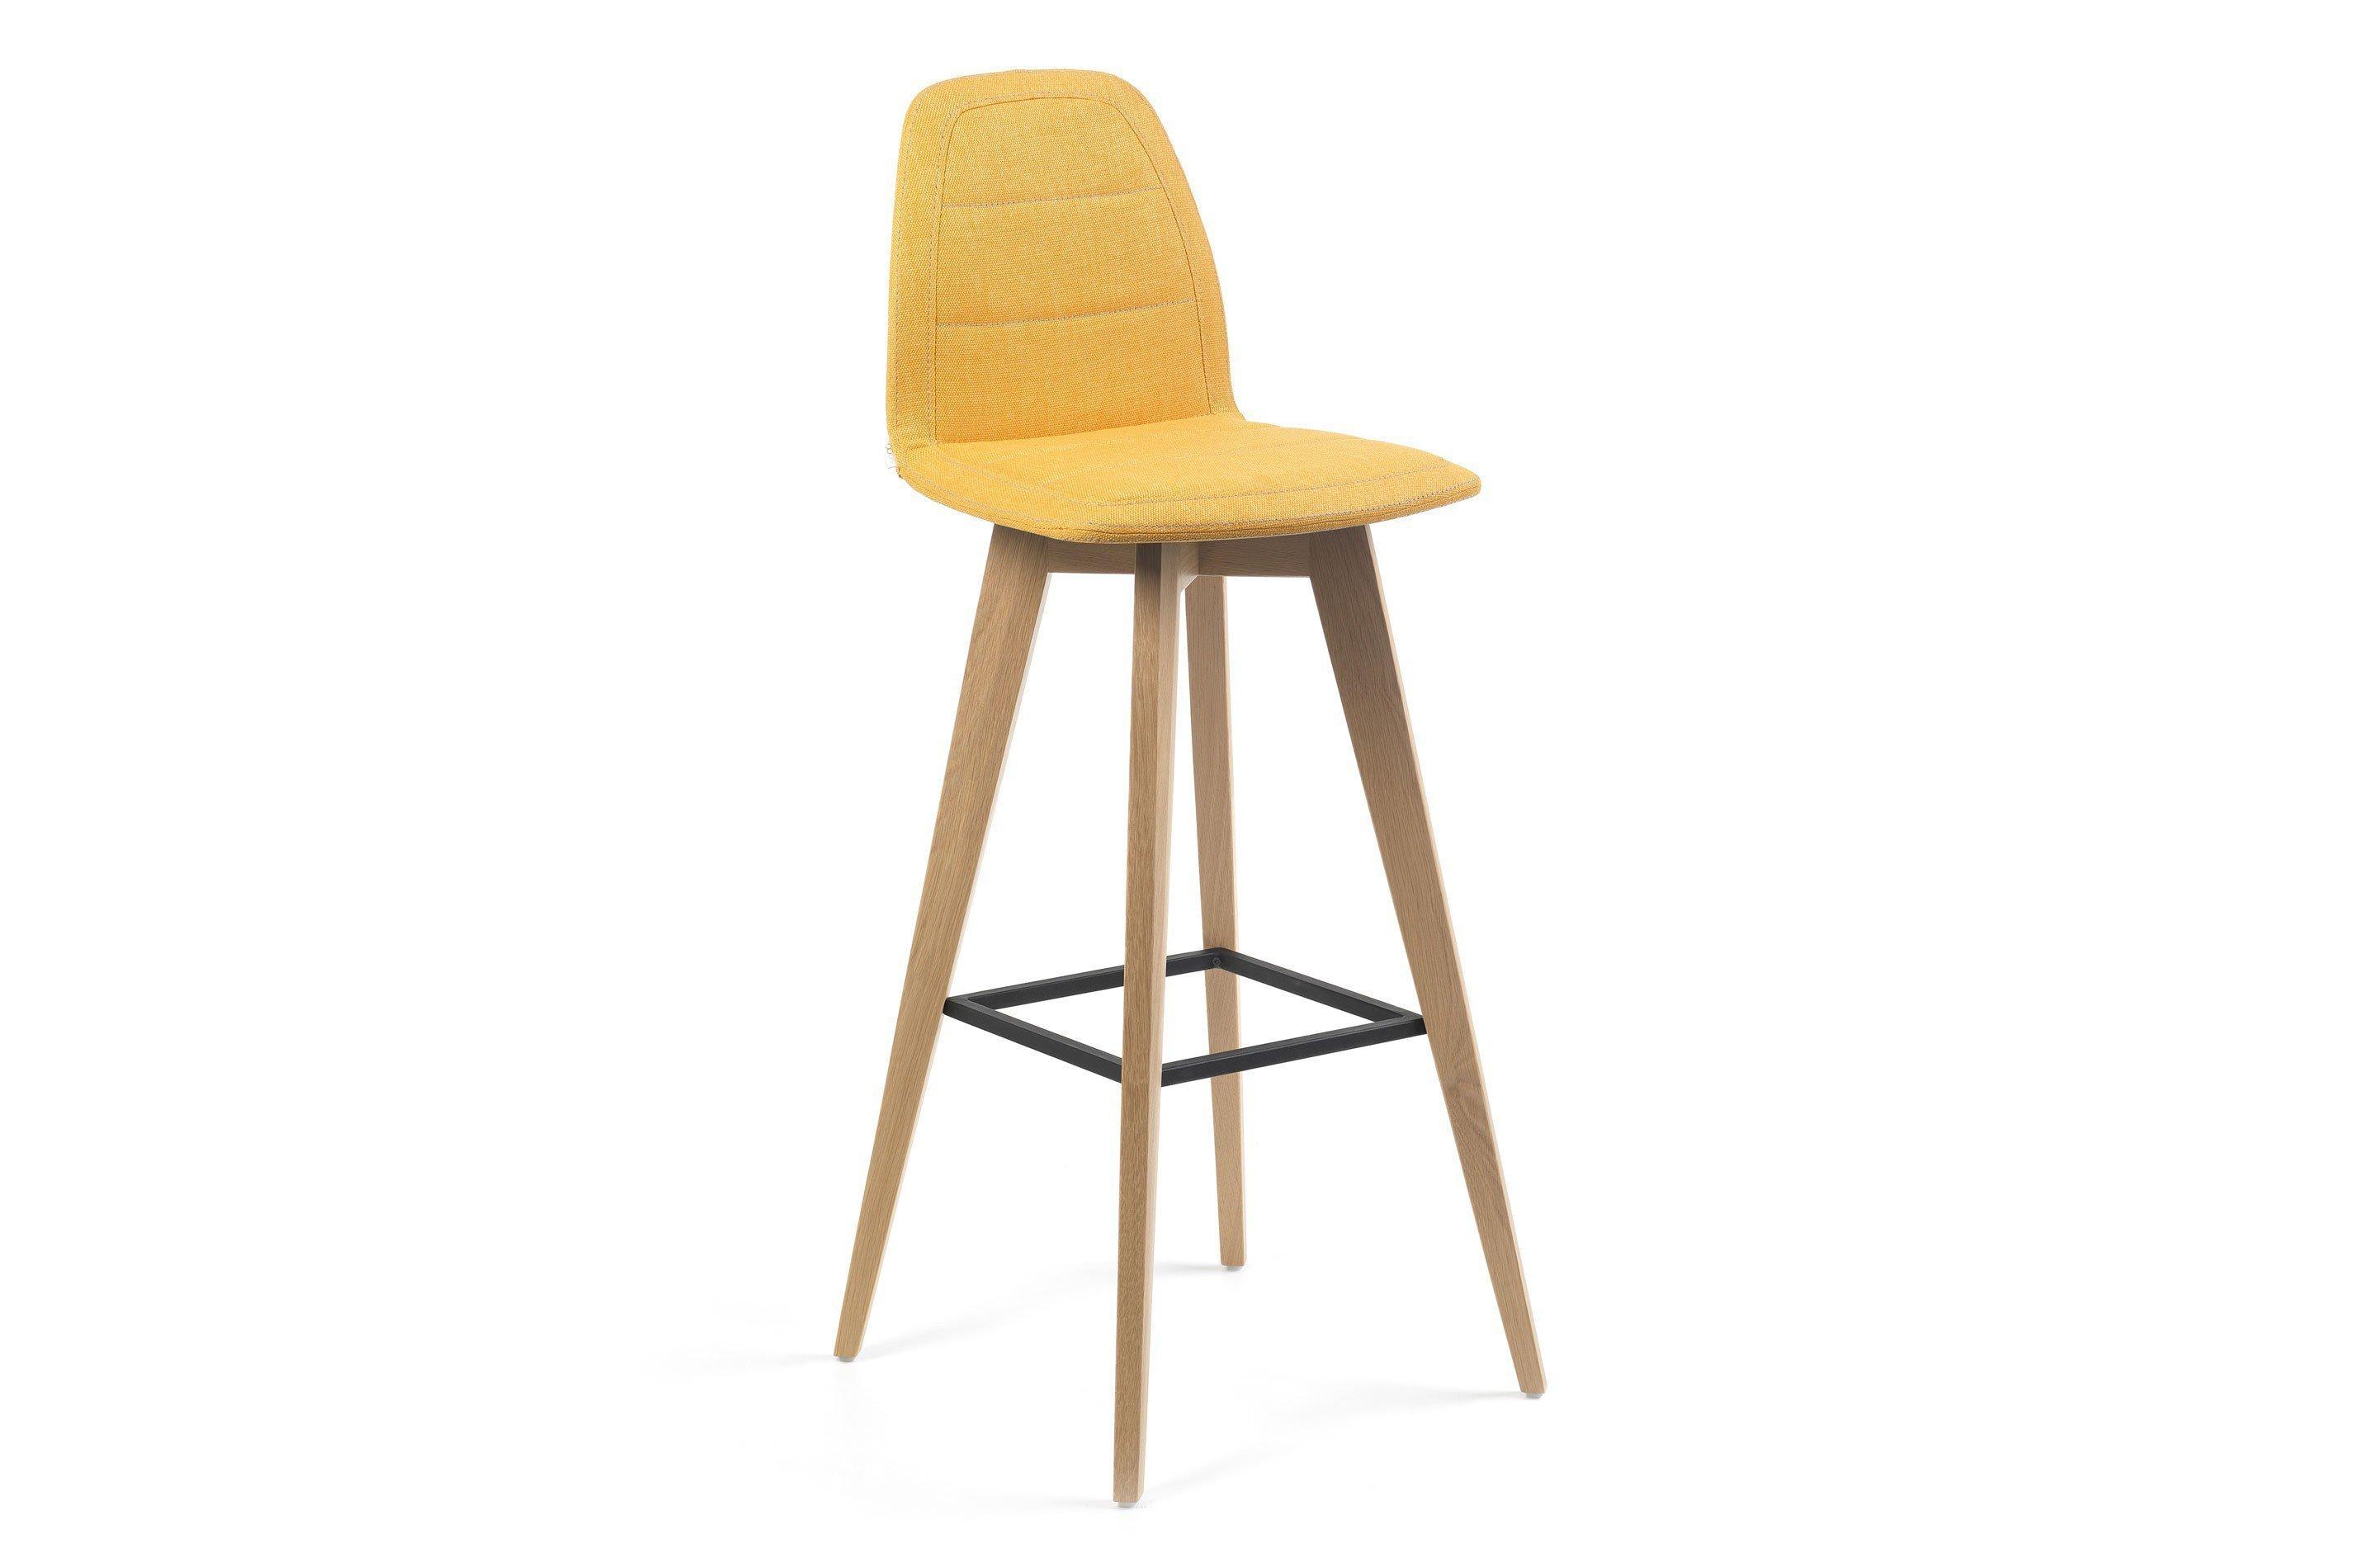 mobitec barhocker mood 12 uni gelb m bel letz ihr online shop. Black Bedroom Furniture Sets. Home Design Ideas